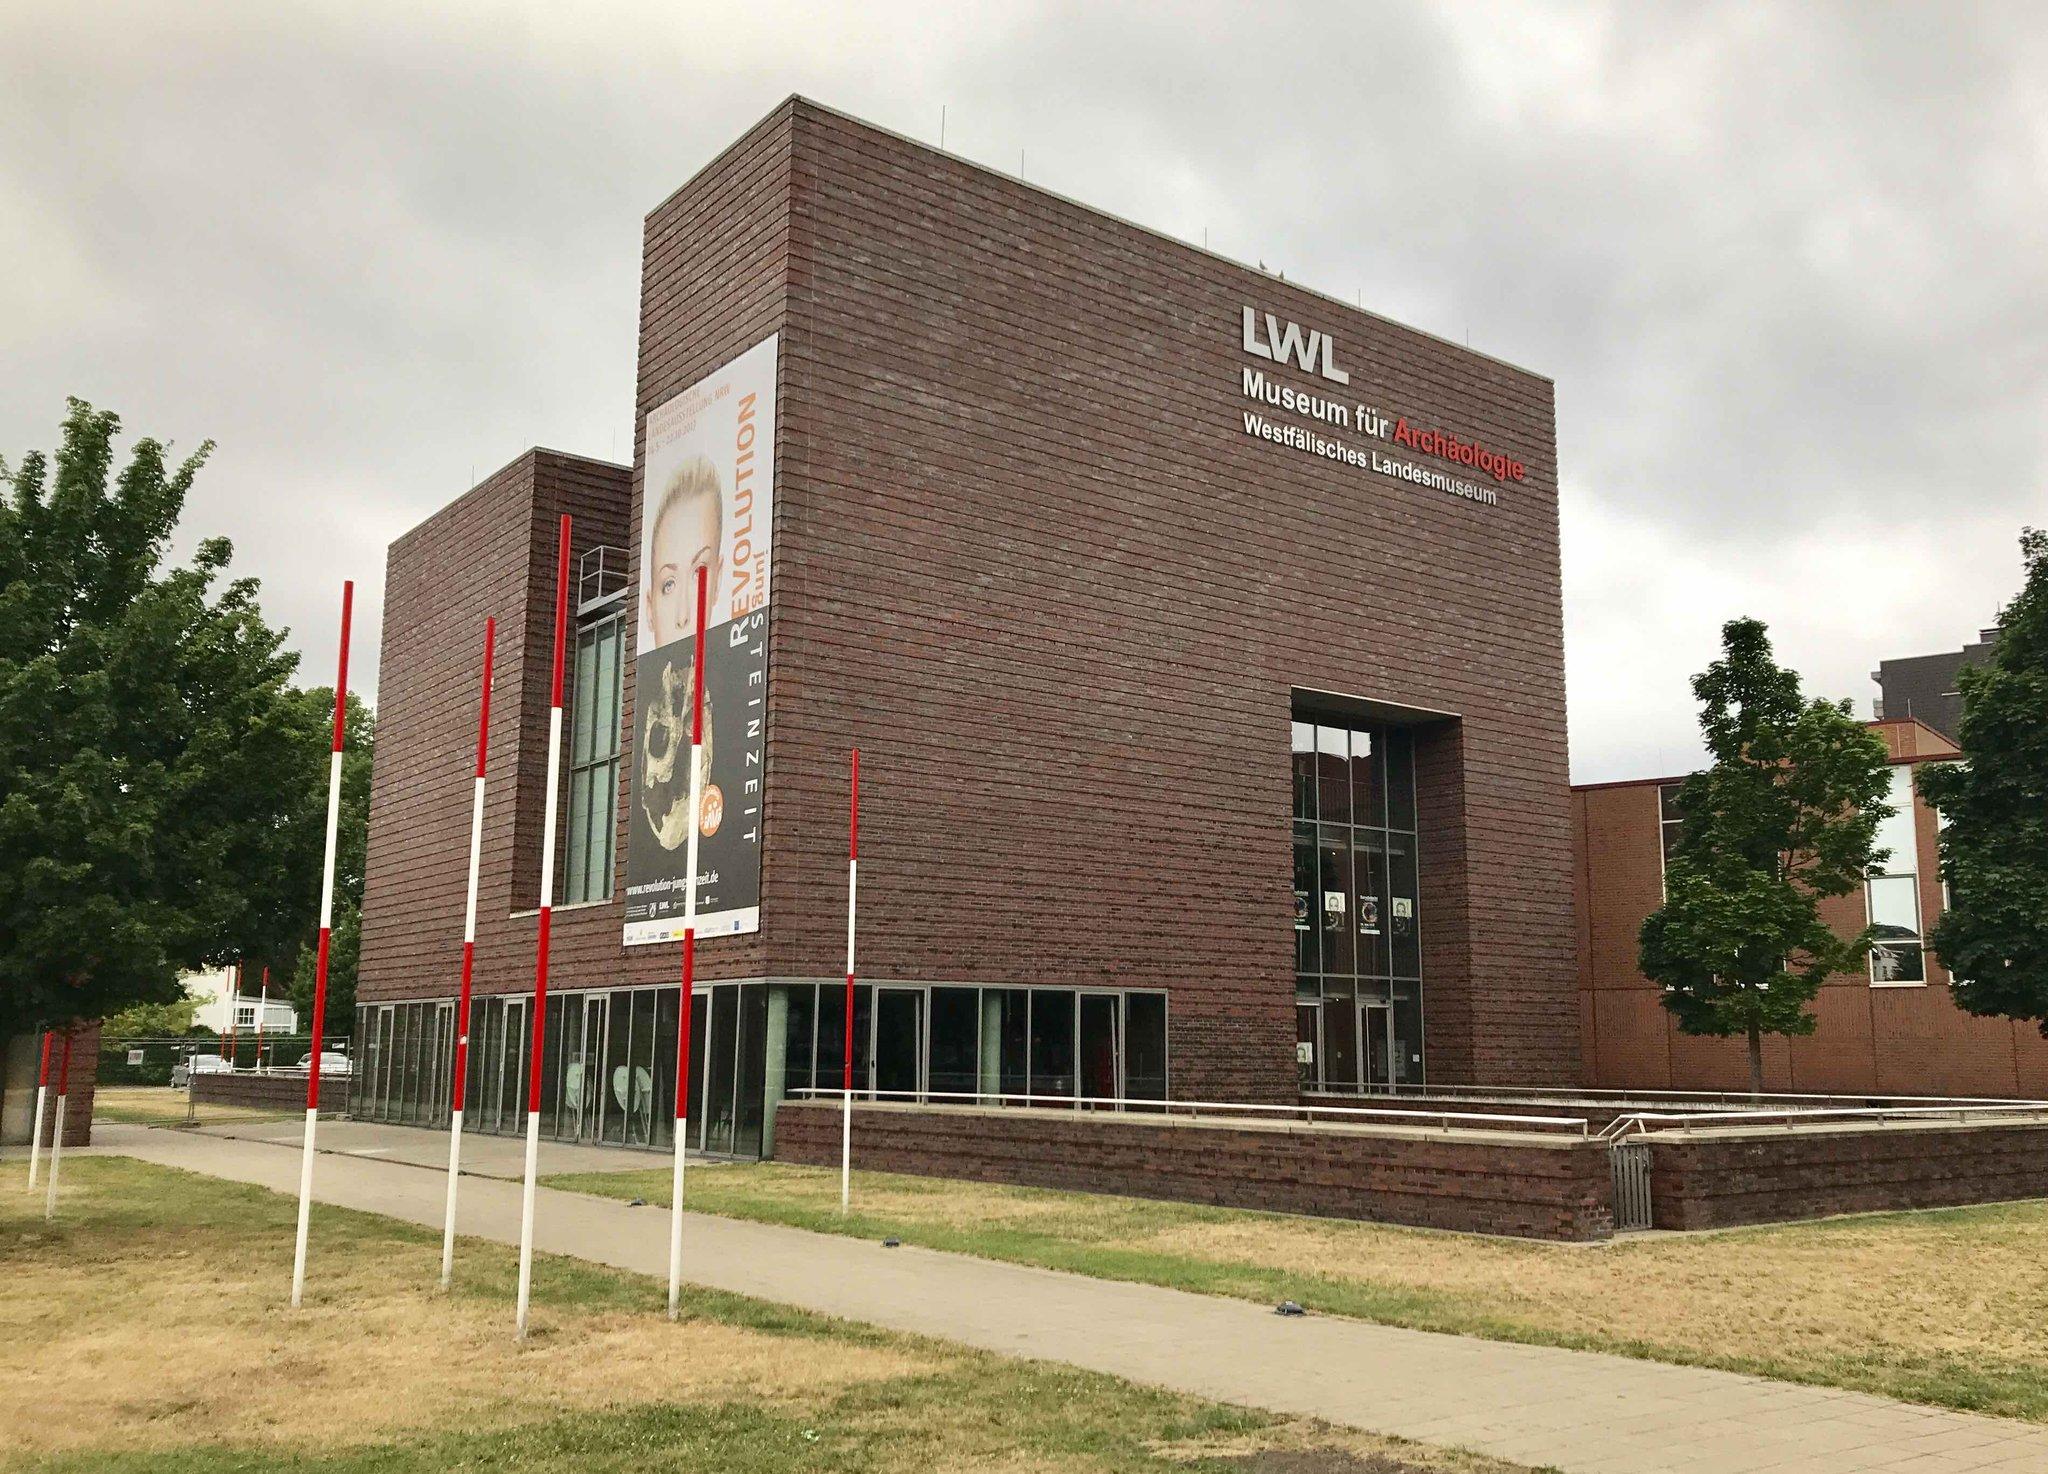 Guten Morgen #Chemnitz, #Sachsen, Freunde der #Archäologie, hier zwitschert heute das @LWLMuseumArchae. Lasst Euch überraschen. #ArchaeoSwap https://t.co/7j3y8n8nDW